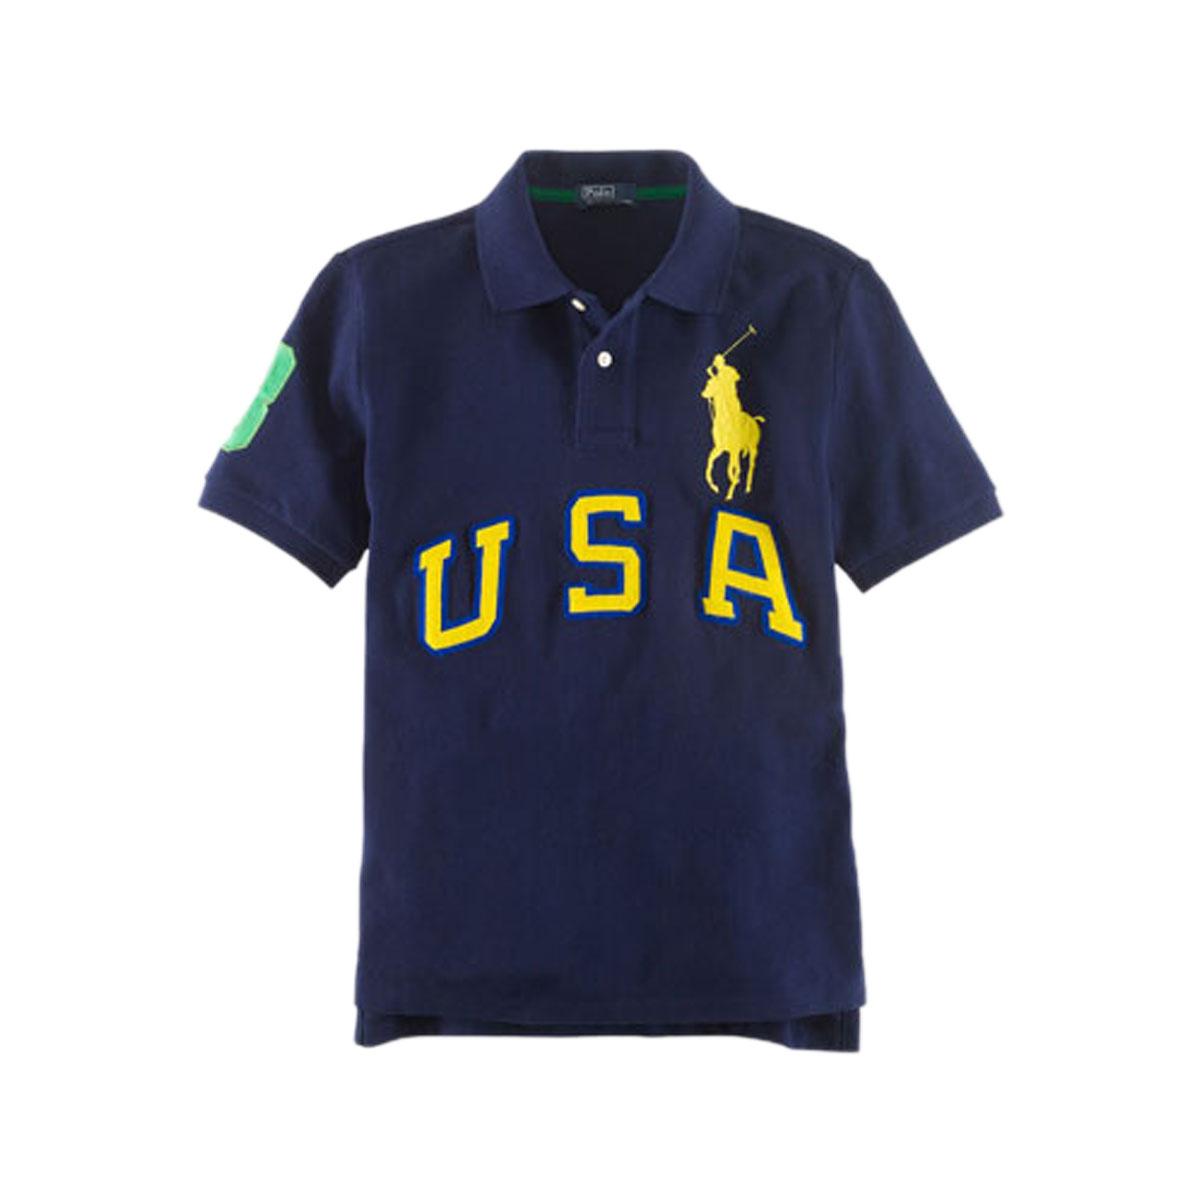 d2c0e832b 30%OFF sale polo Ralph Lauren kids POLO RALPH LAUREN CHILDREN regular  article children s clothes Boys polo shirt USA Big Pony Cotton Polo   19150686 NAVY ...